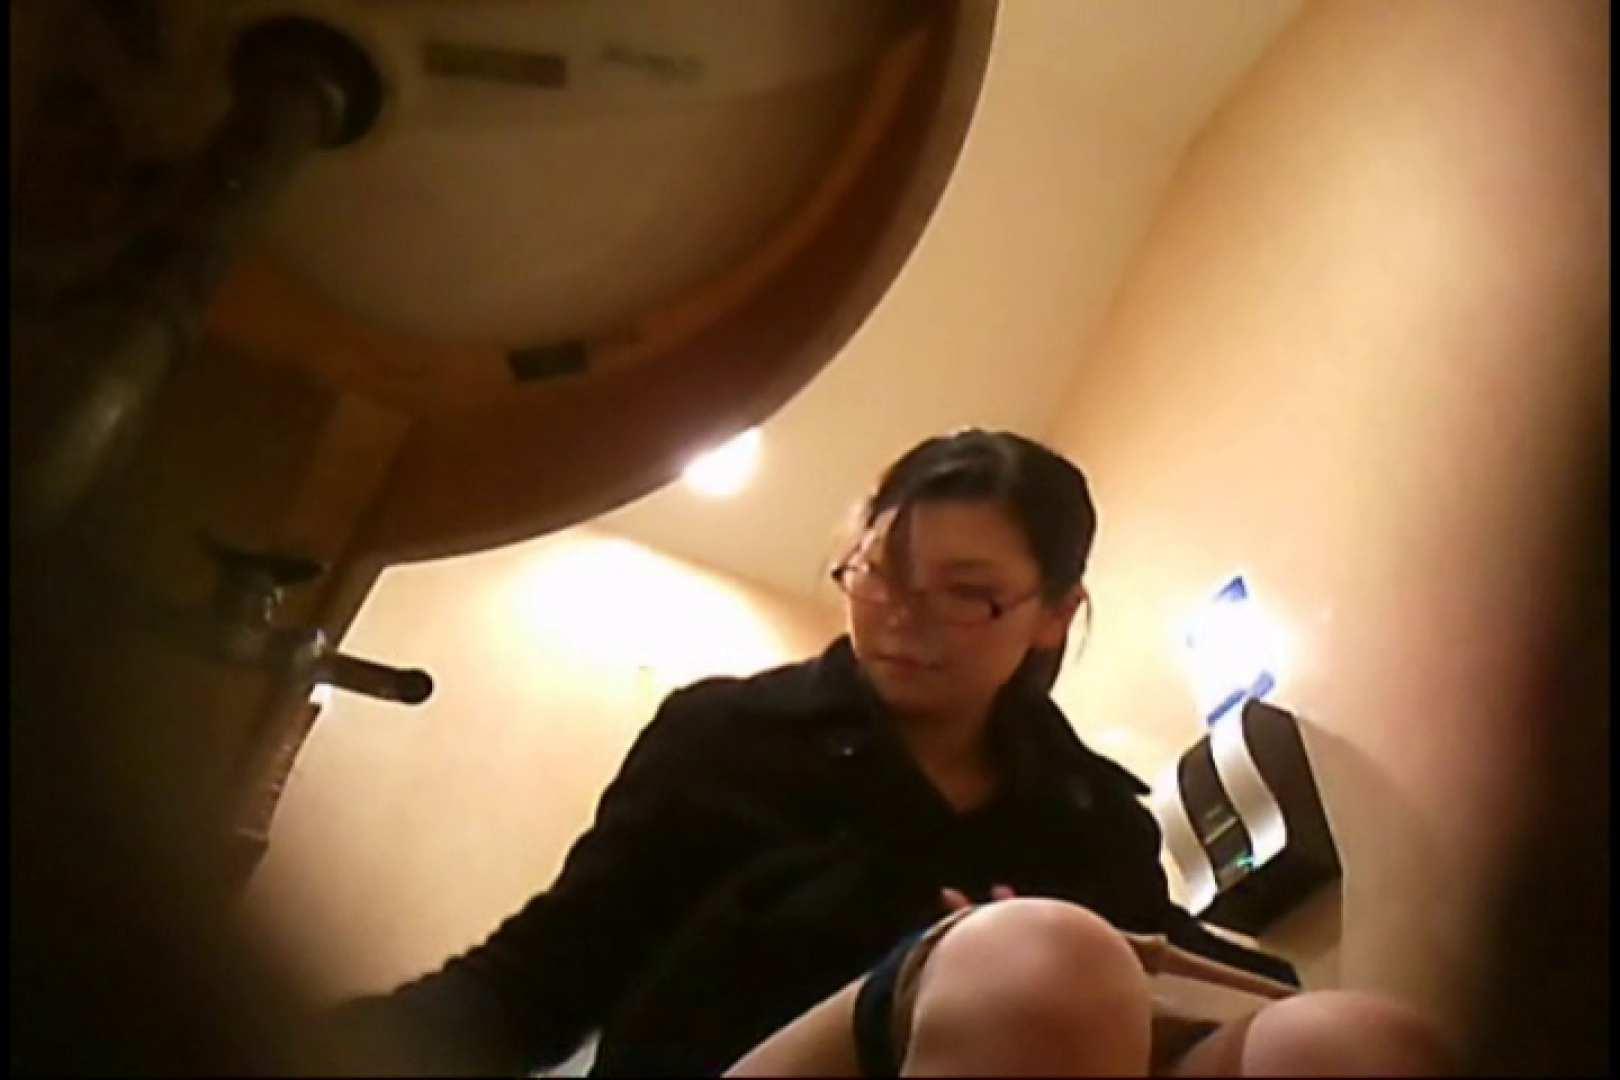 画質向上!新亀さん厠 vol.22 オマンコ特別編 ぱこり動画紹介 102枚 93